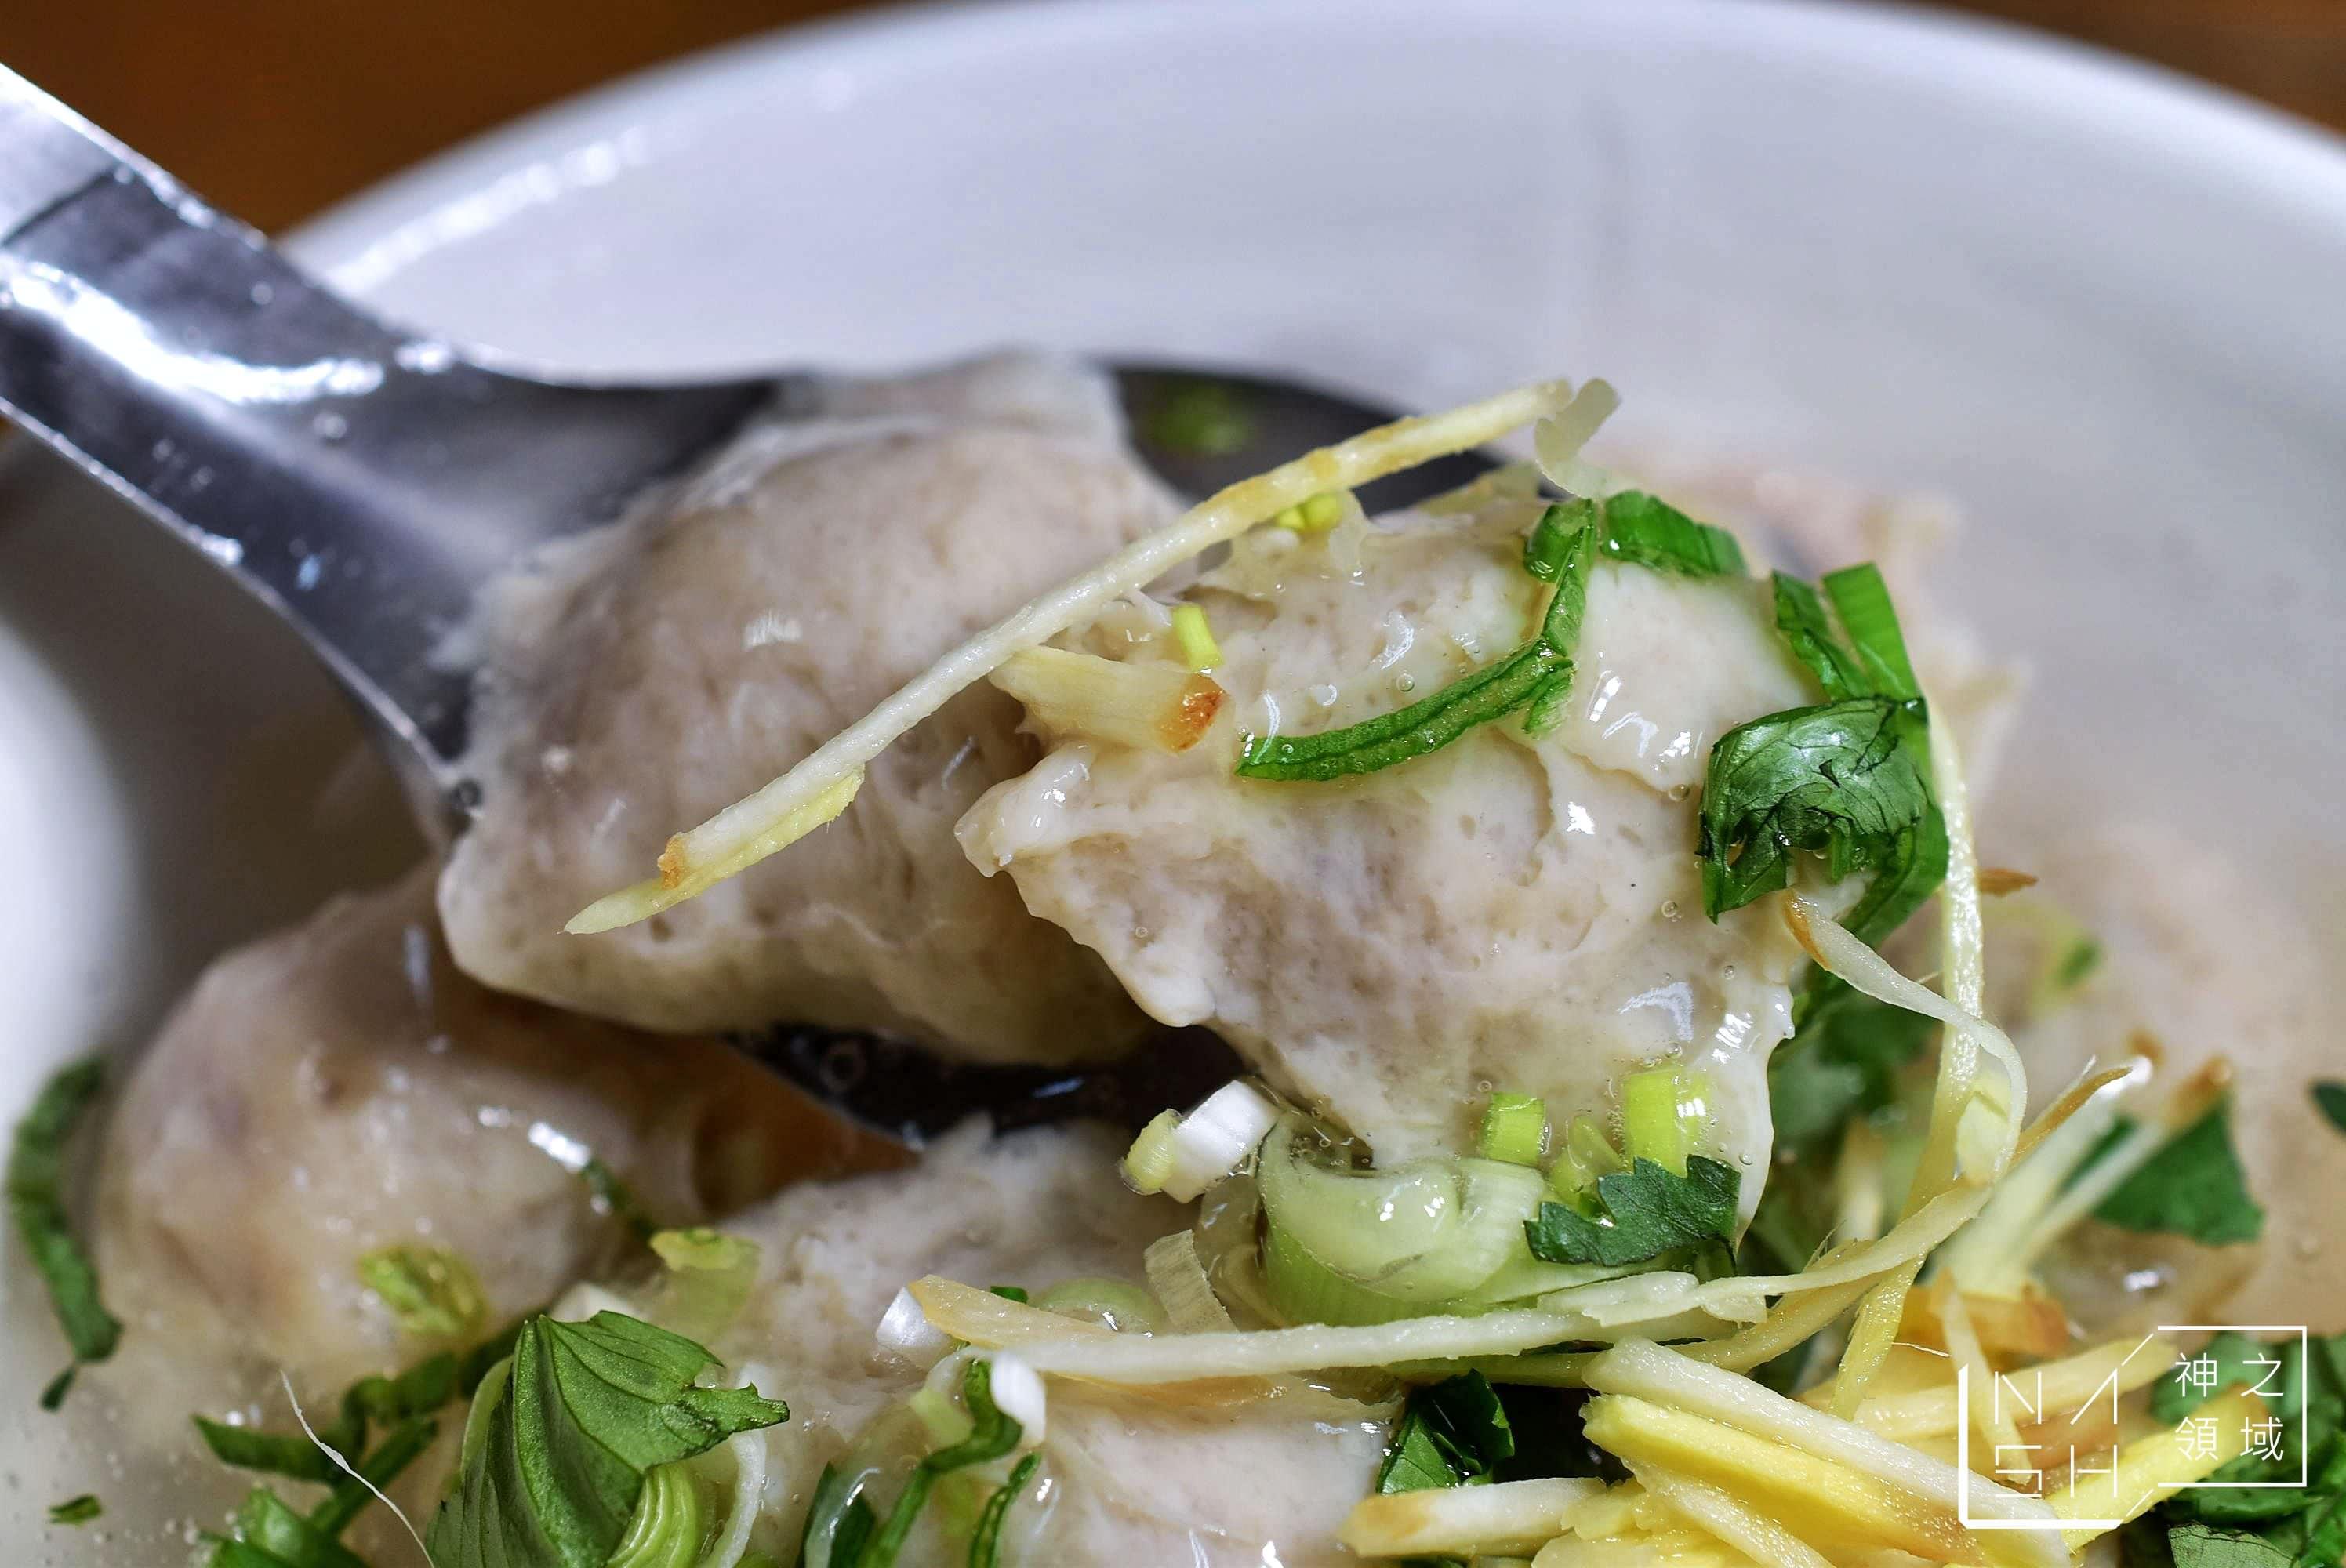 台南保安路美食,阿鳳浮水魚羹,葉鳳浮水魚羹 @Nash,神之領域